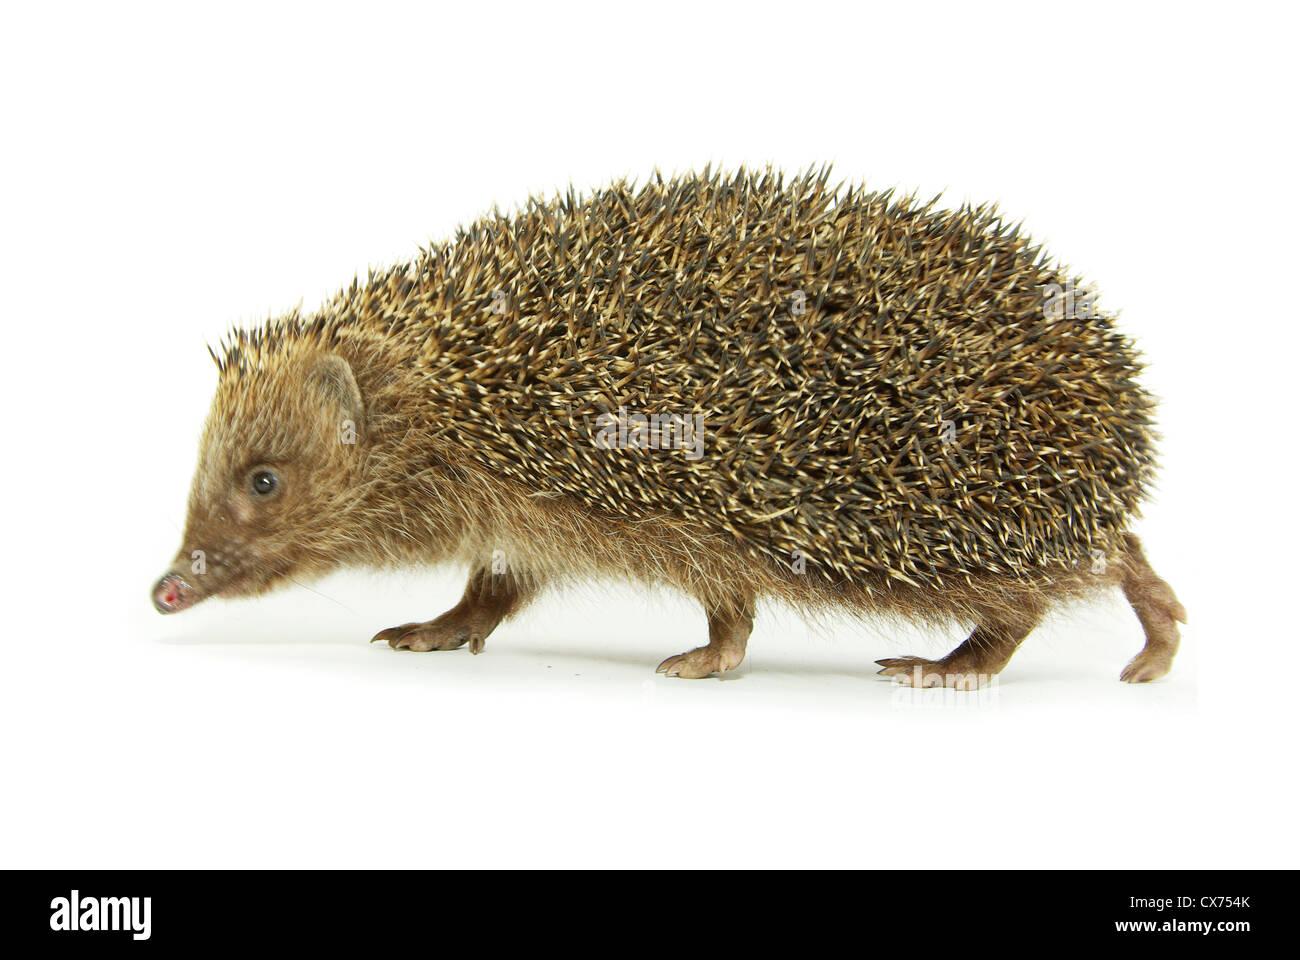 hedgehog  isolated on white - Stock Image